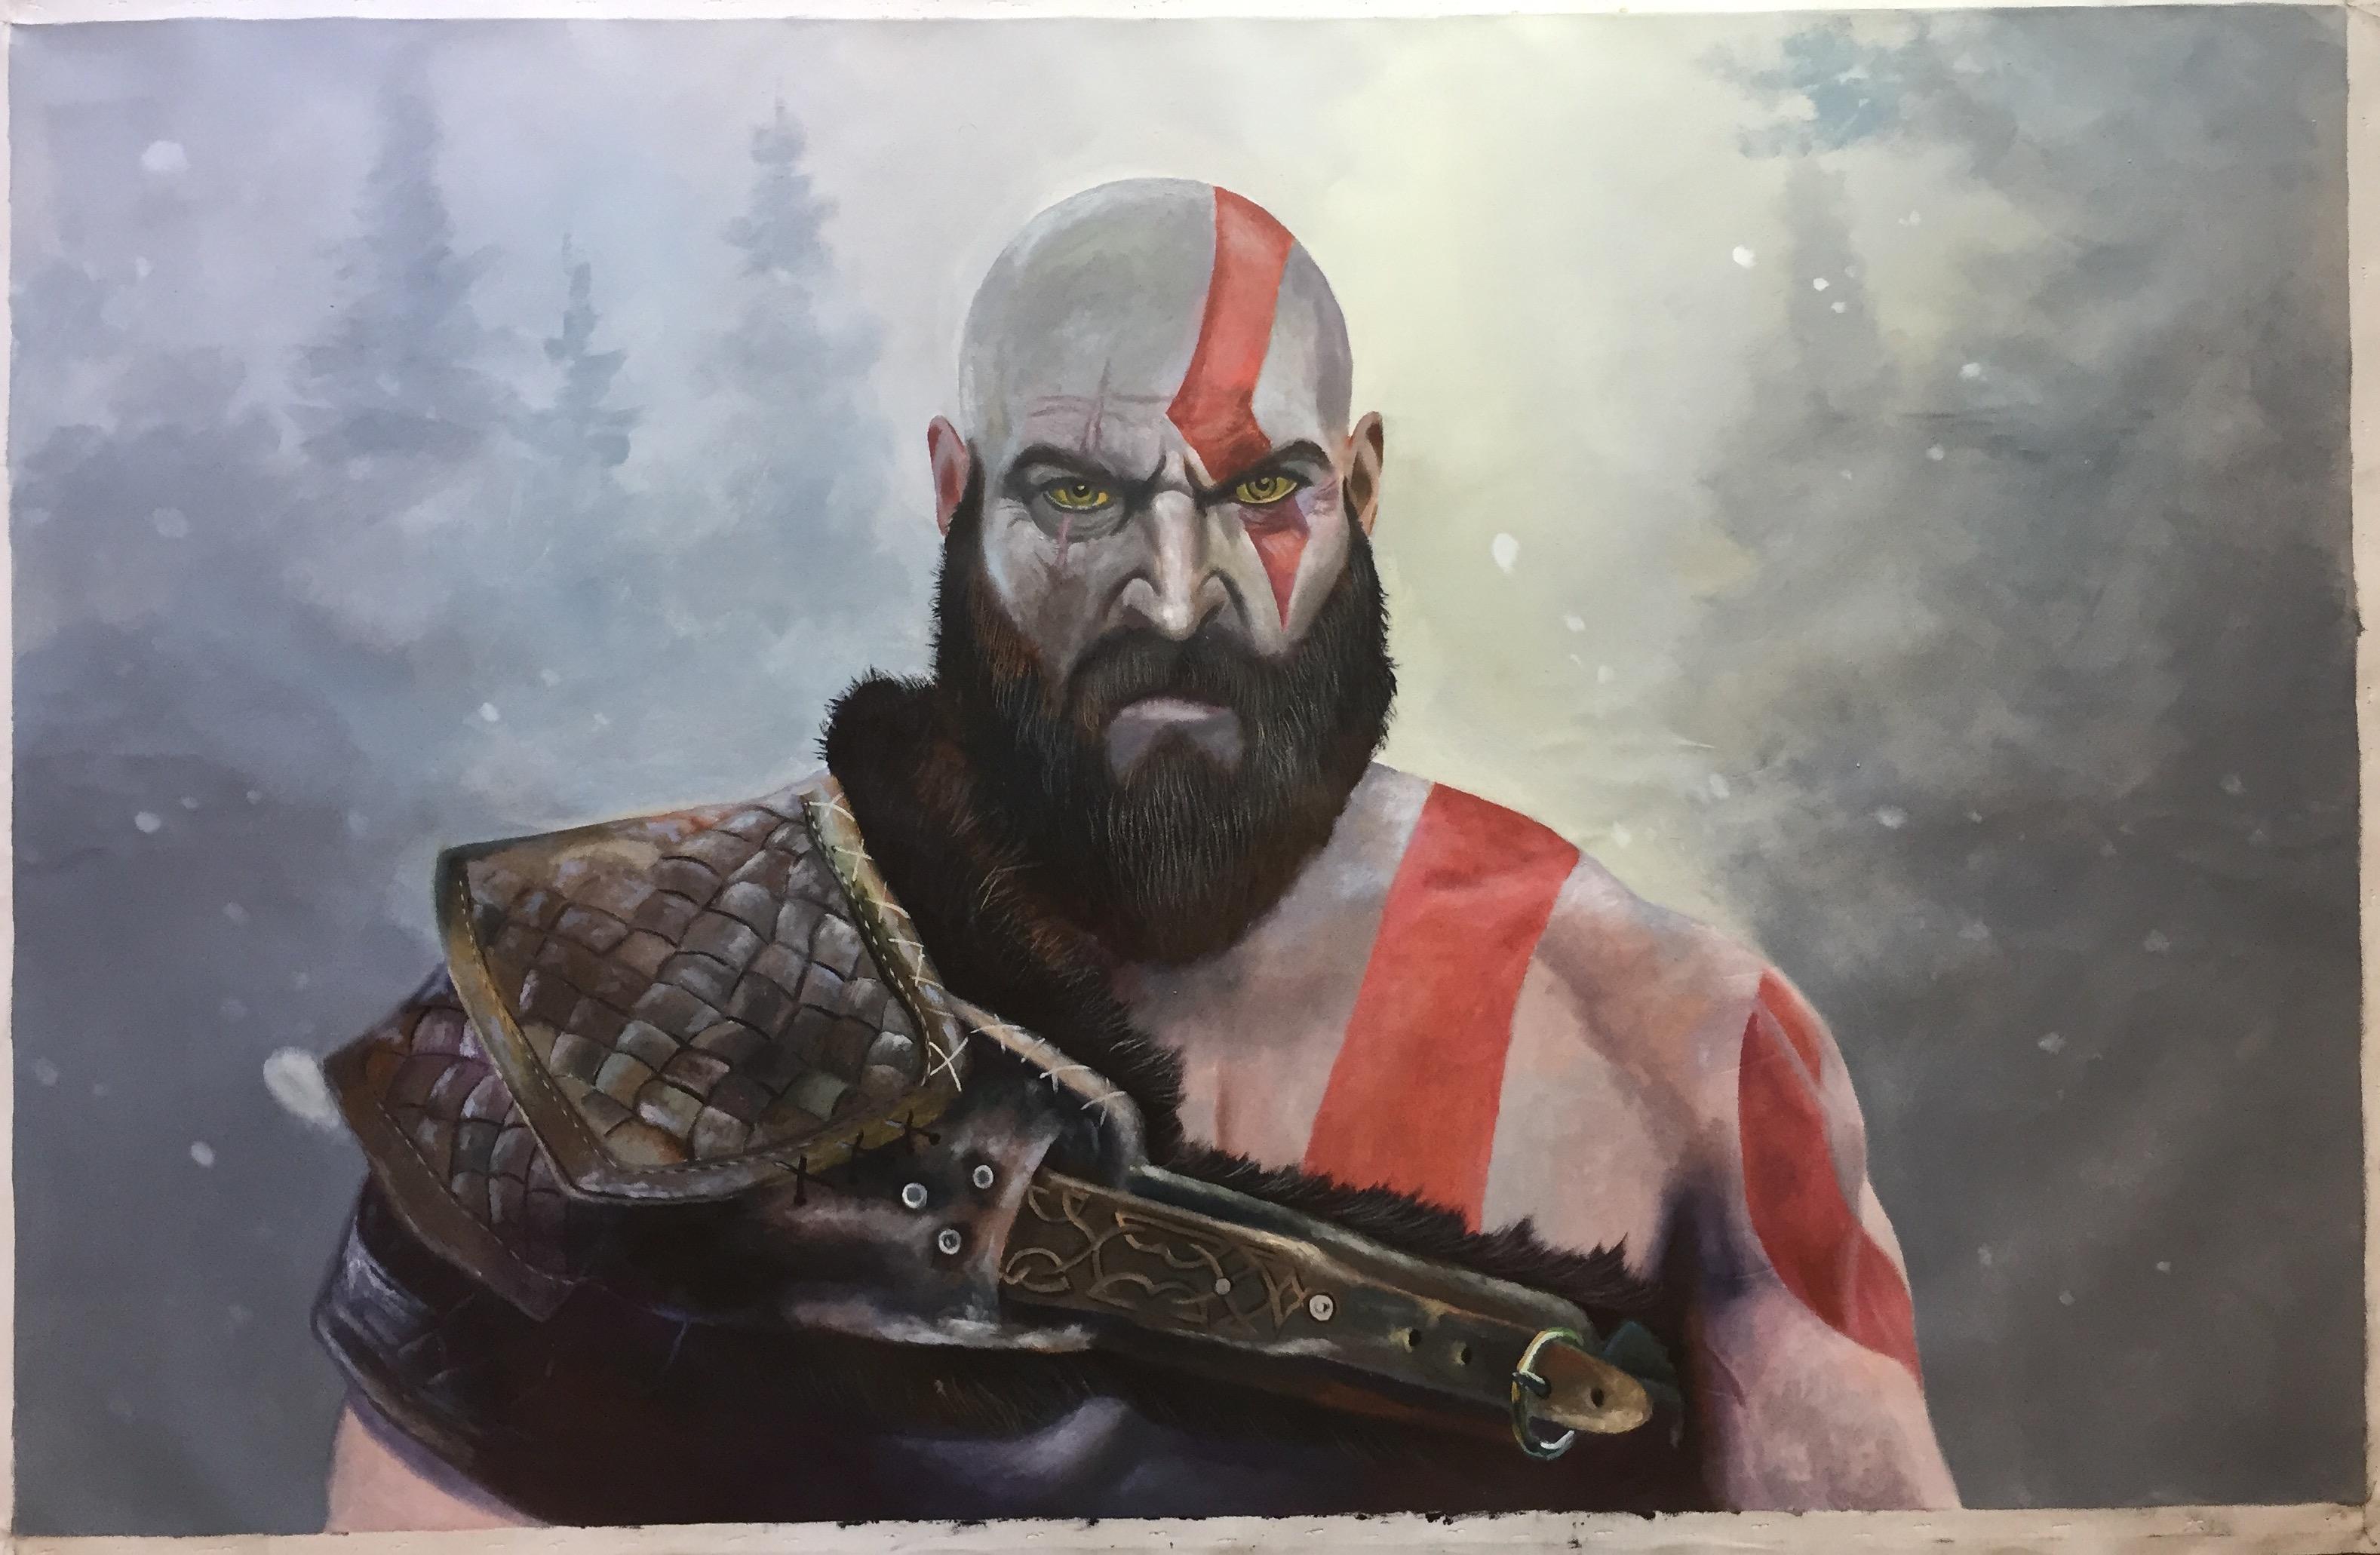 Kratos God of War artwork by Benjamin Flamel - art listed for sale on Artplode